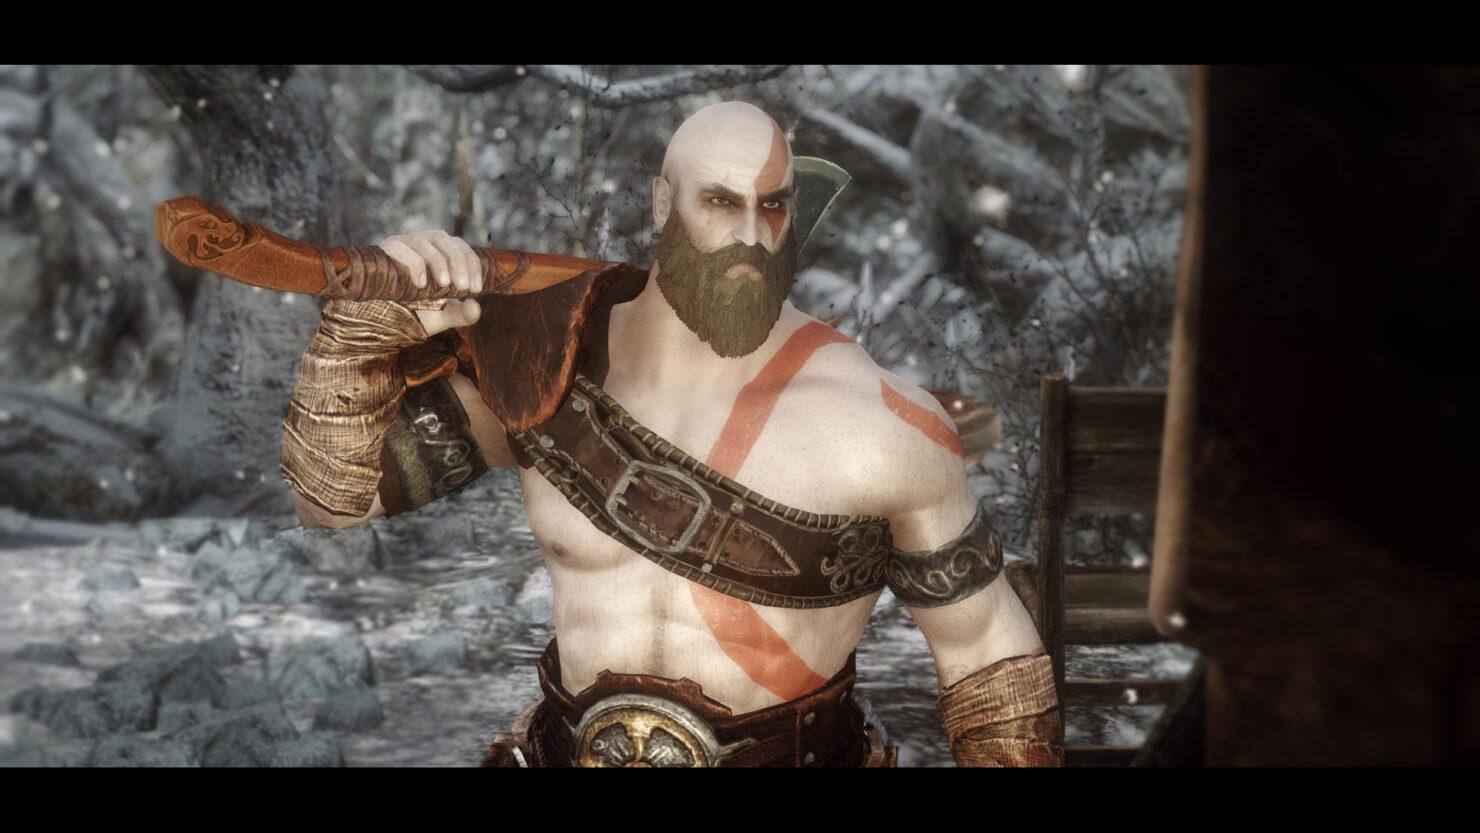 skyrim-god-of-war-mod-kratos-pc-3